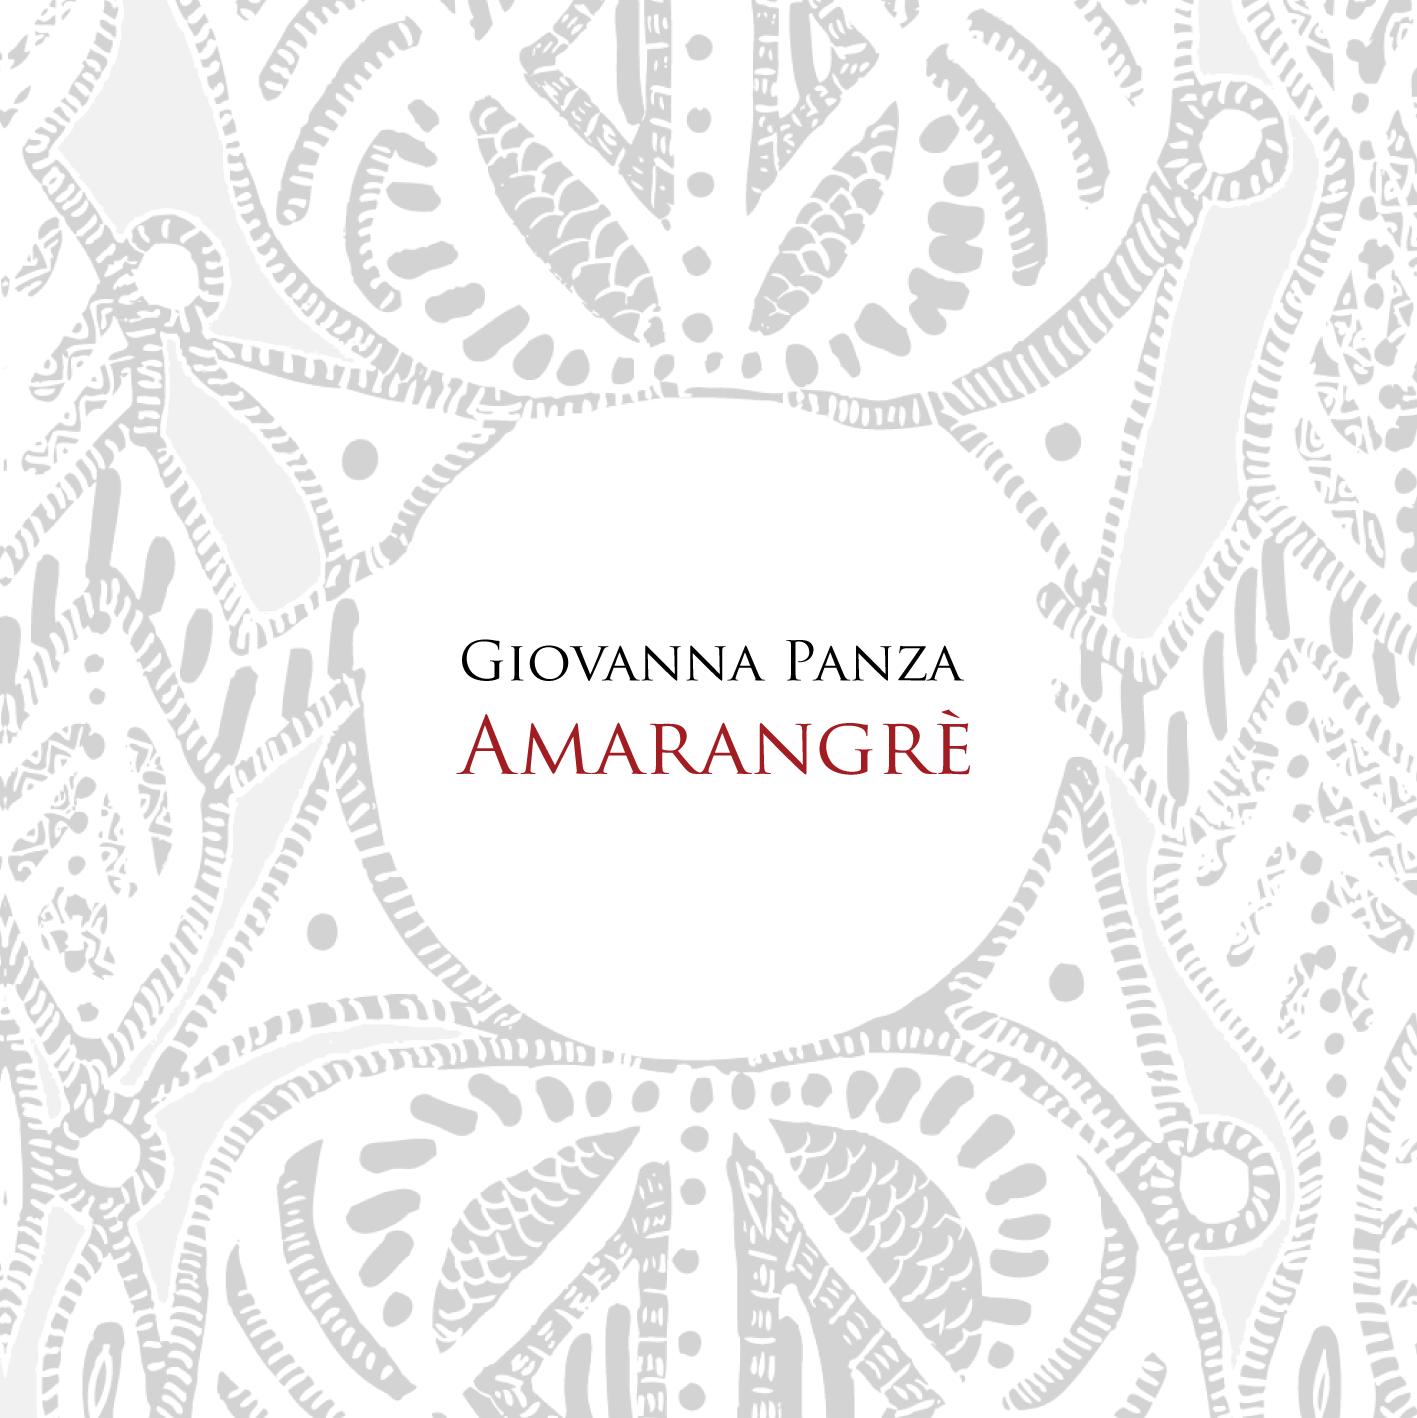 24/02/2013 – Concerto e presentazione album esordio di Giovanna Panza